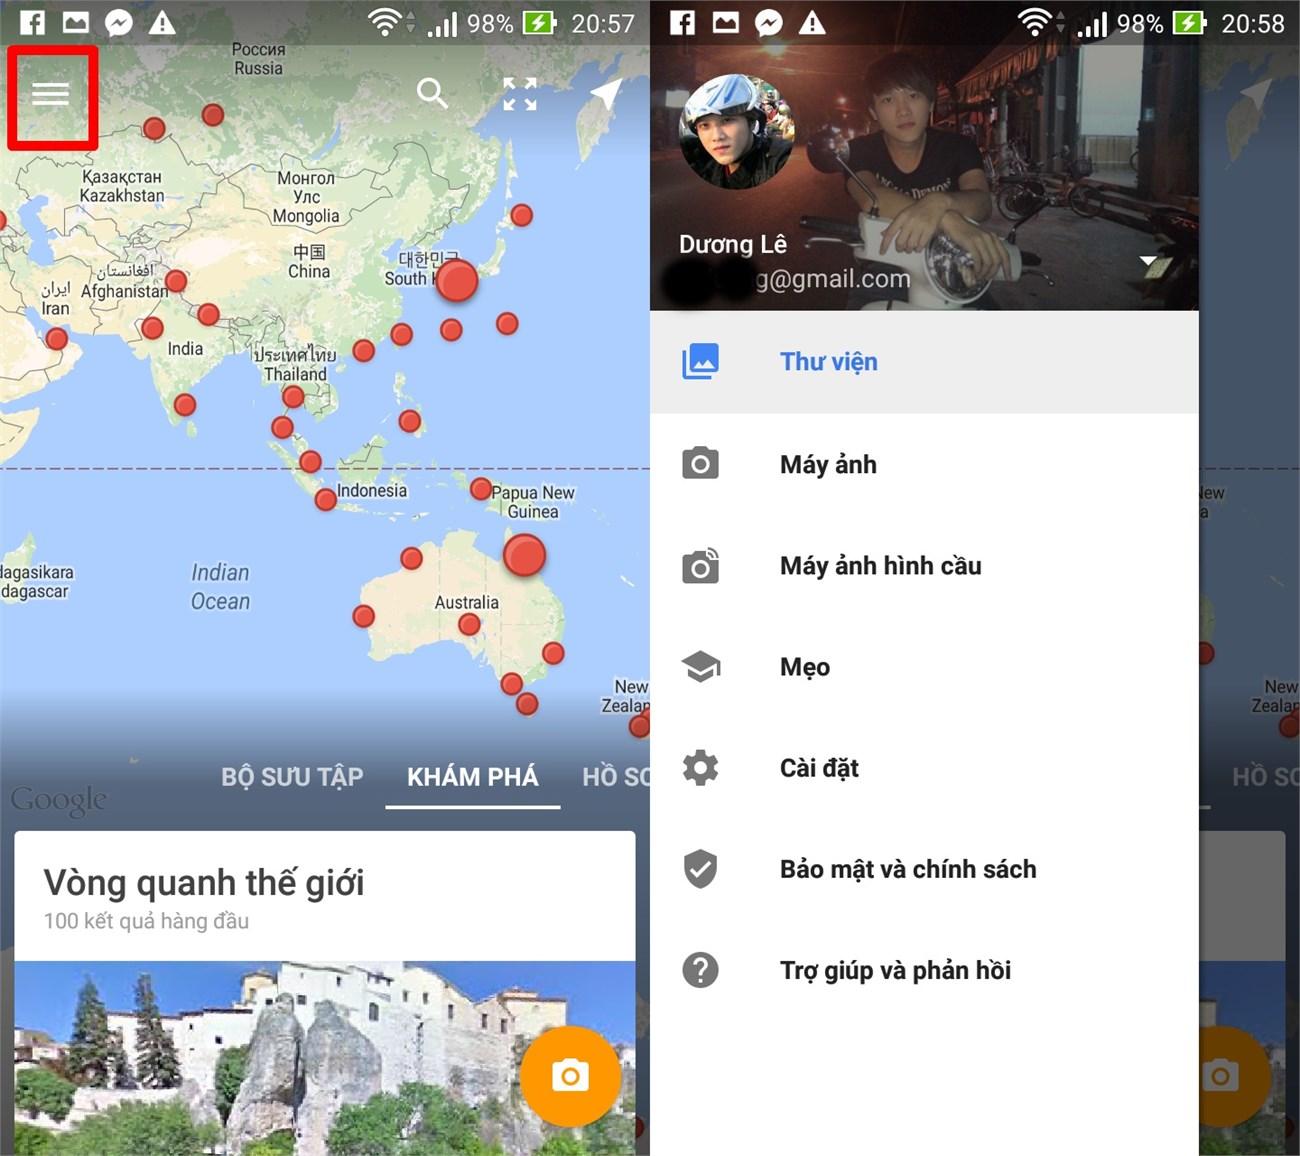 Giao diện chính của ứng dụng Google Street View trên Android